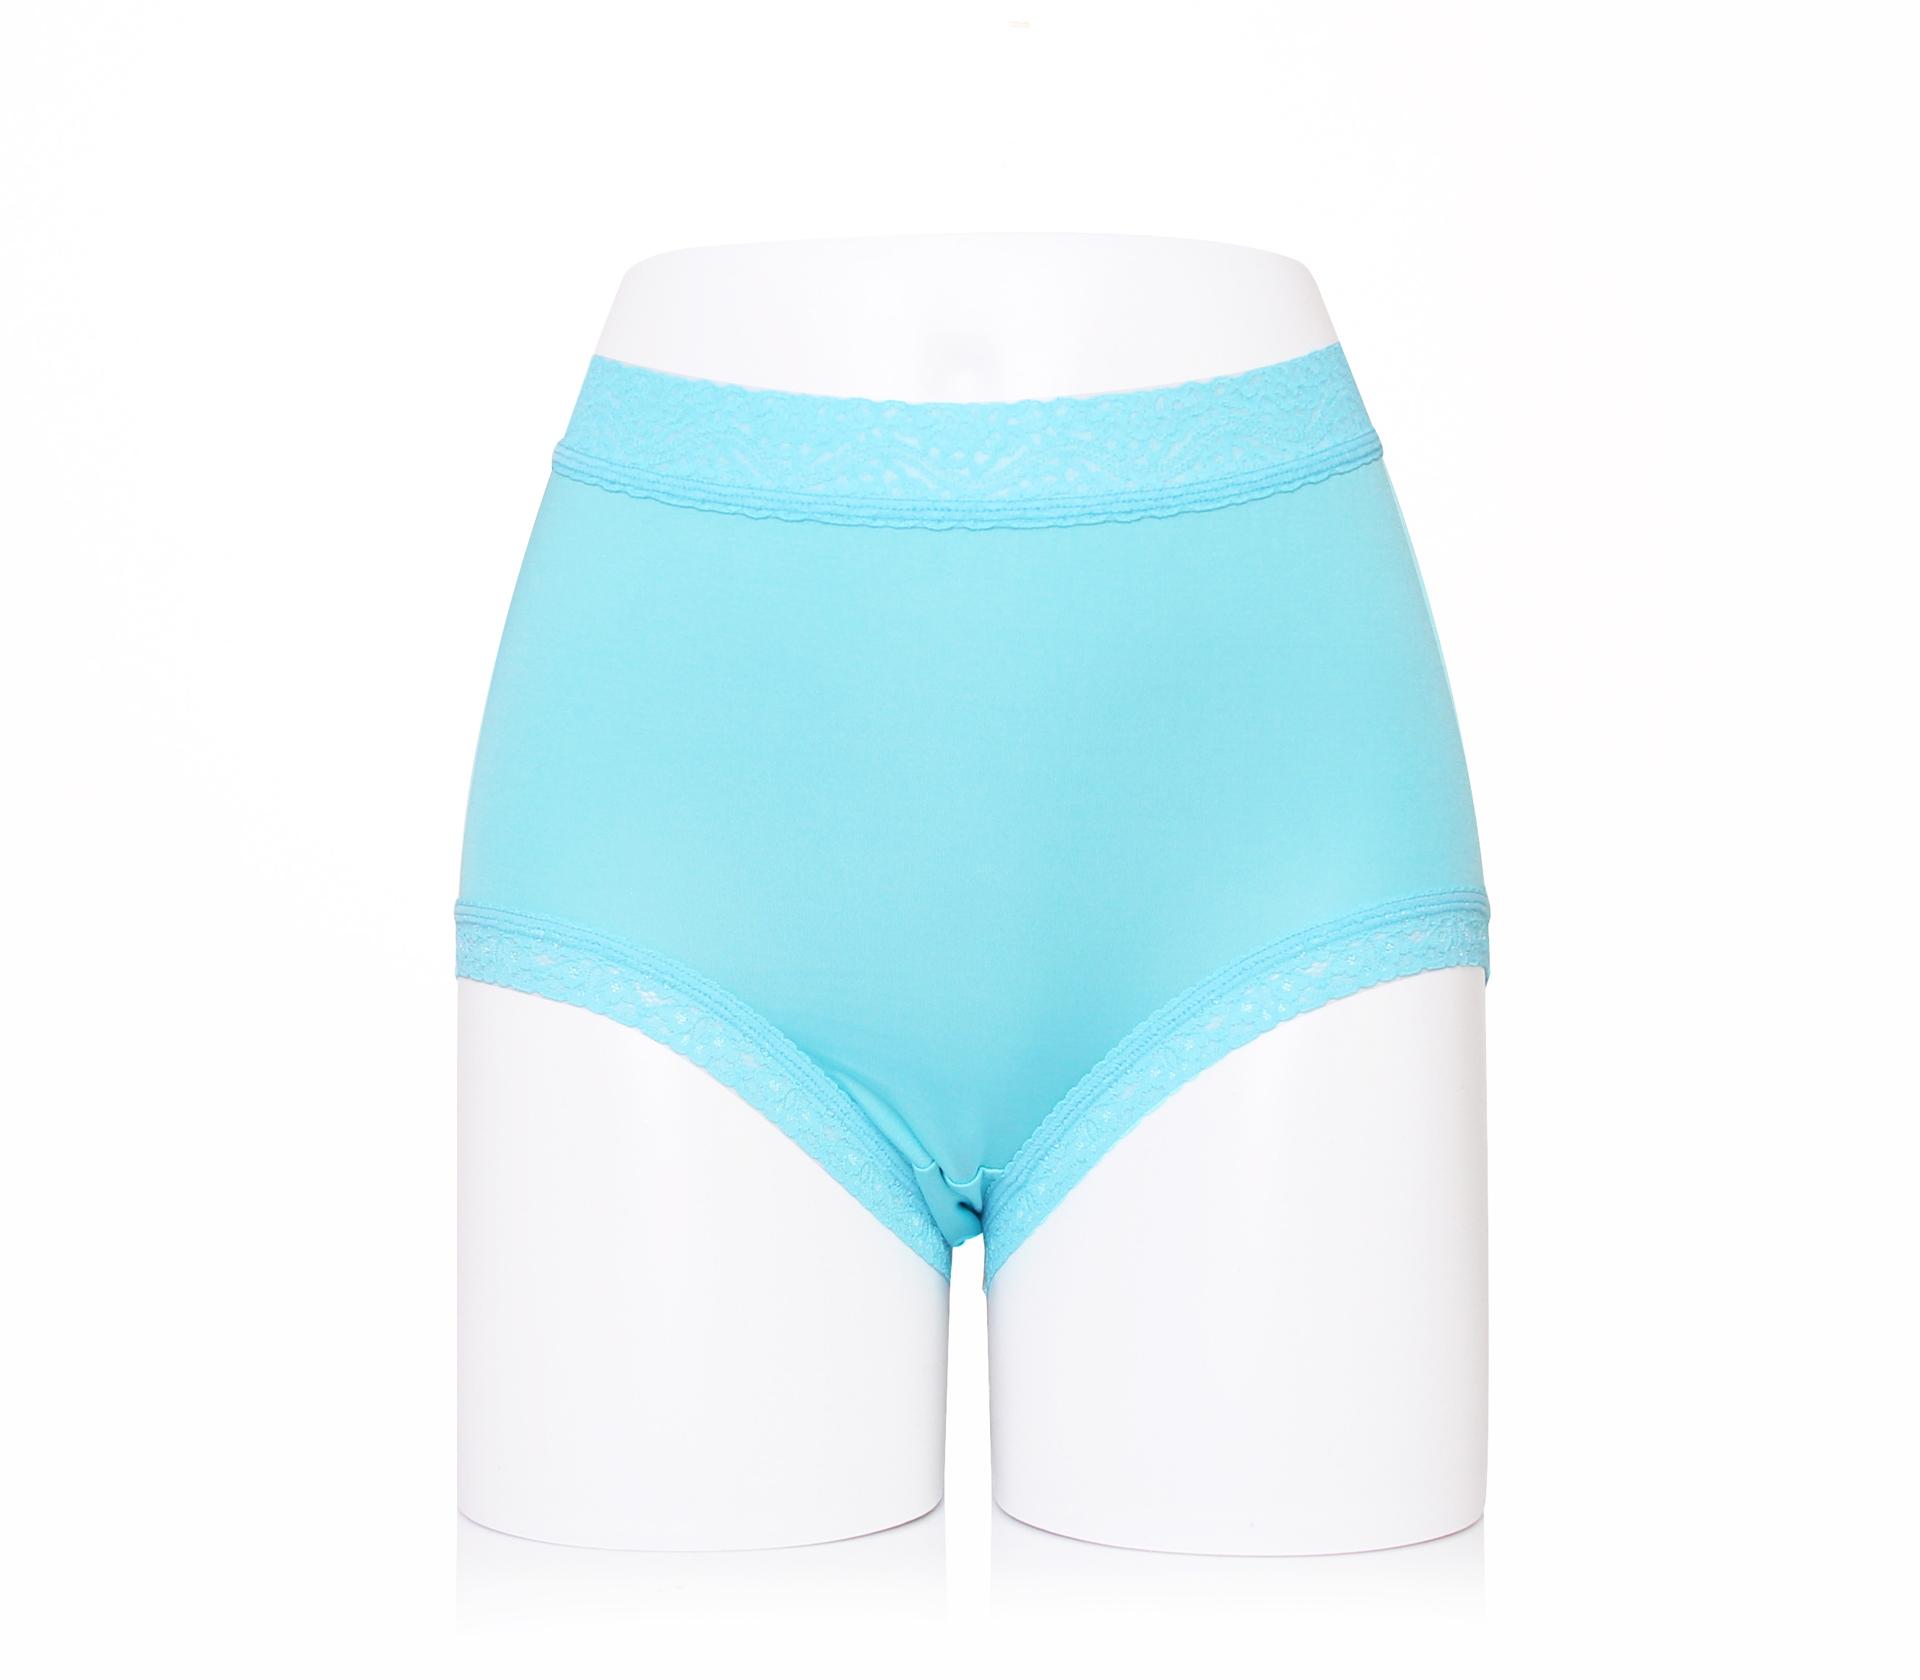 闕蘭絹30針包腹舒適100%蠶絲內褲-2219(藍)